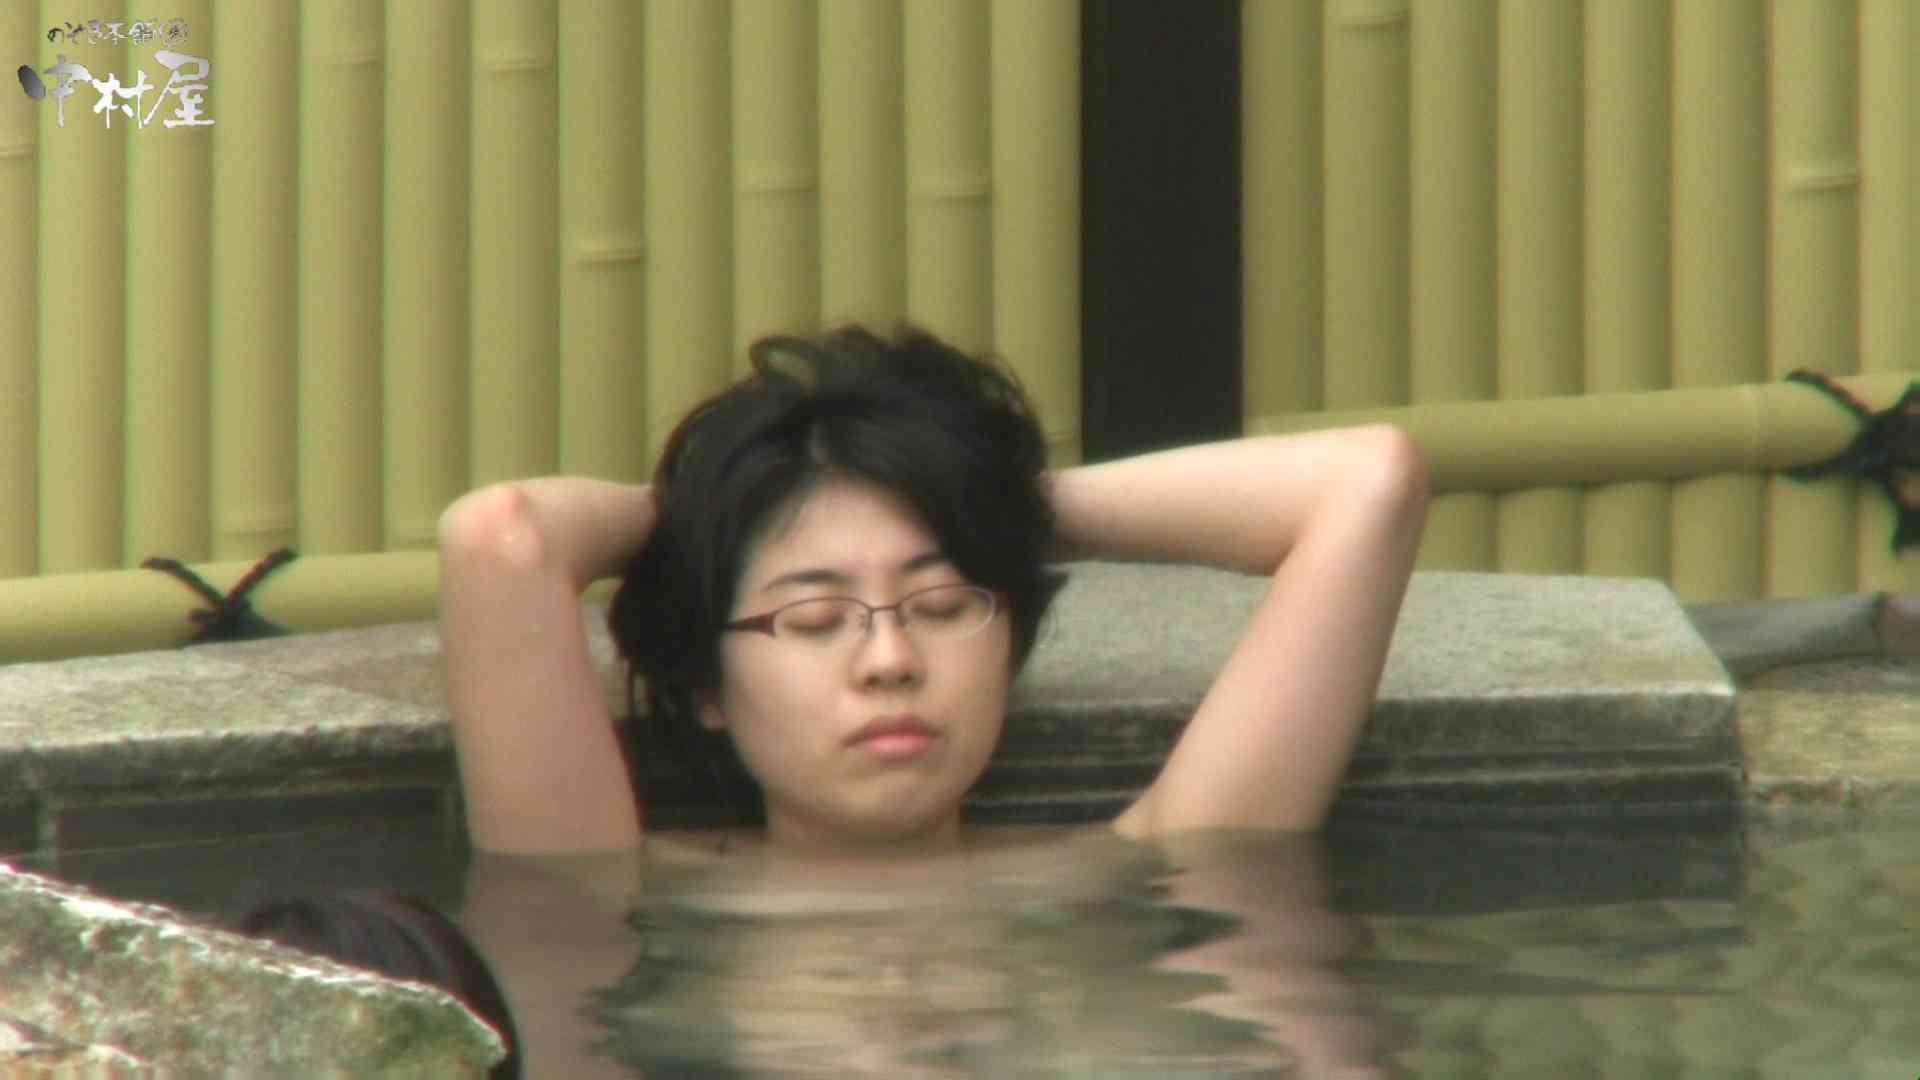 Aquaな露天風呂Vol.947 露天  111枚 93